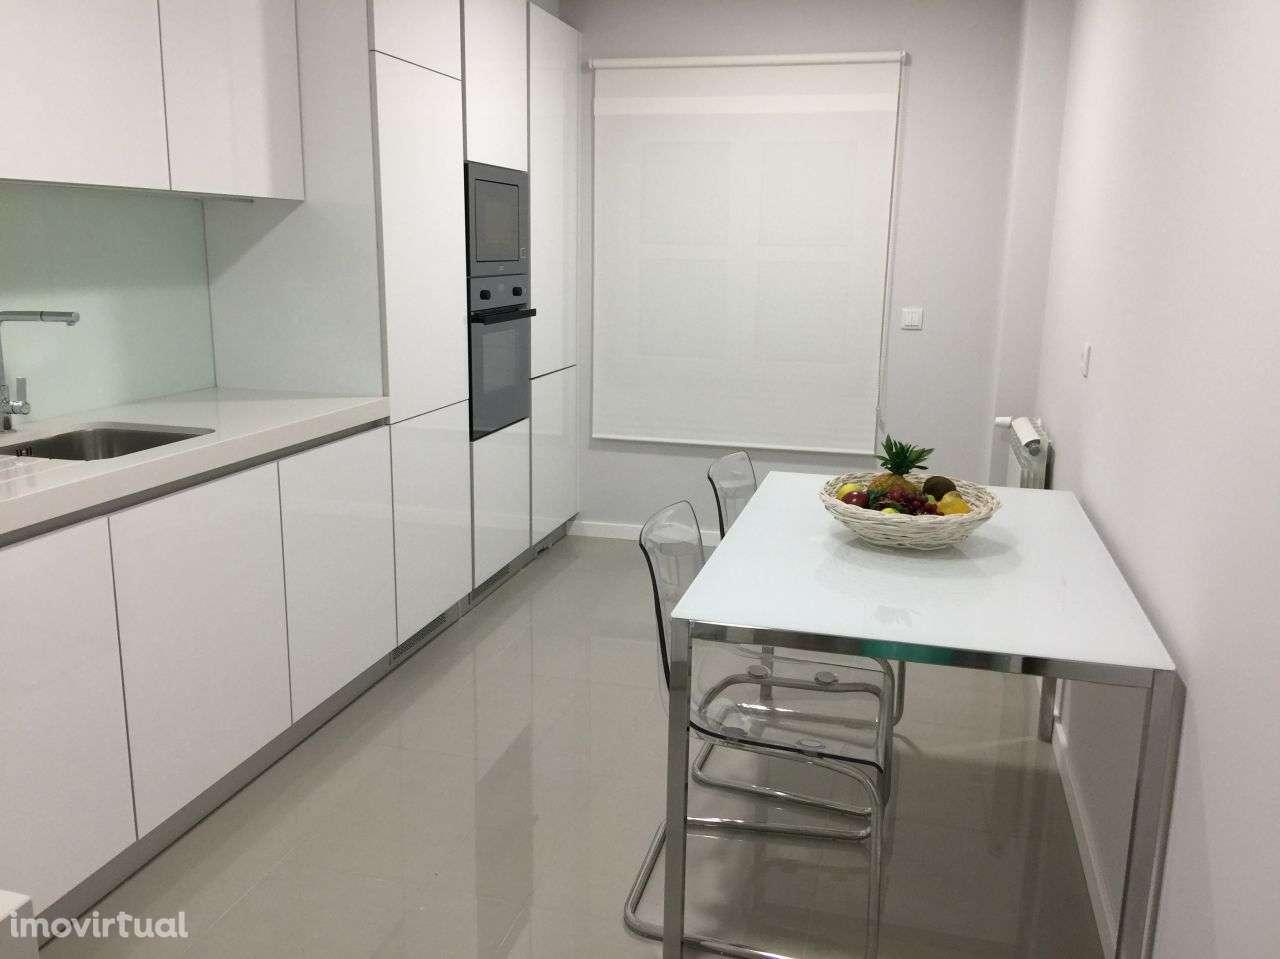 Apartamento para comprar, Águas Livres, Amadora, Lisboa - Foto 4